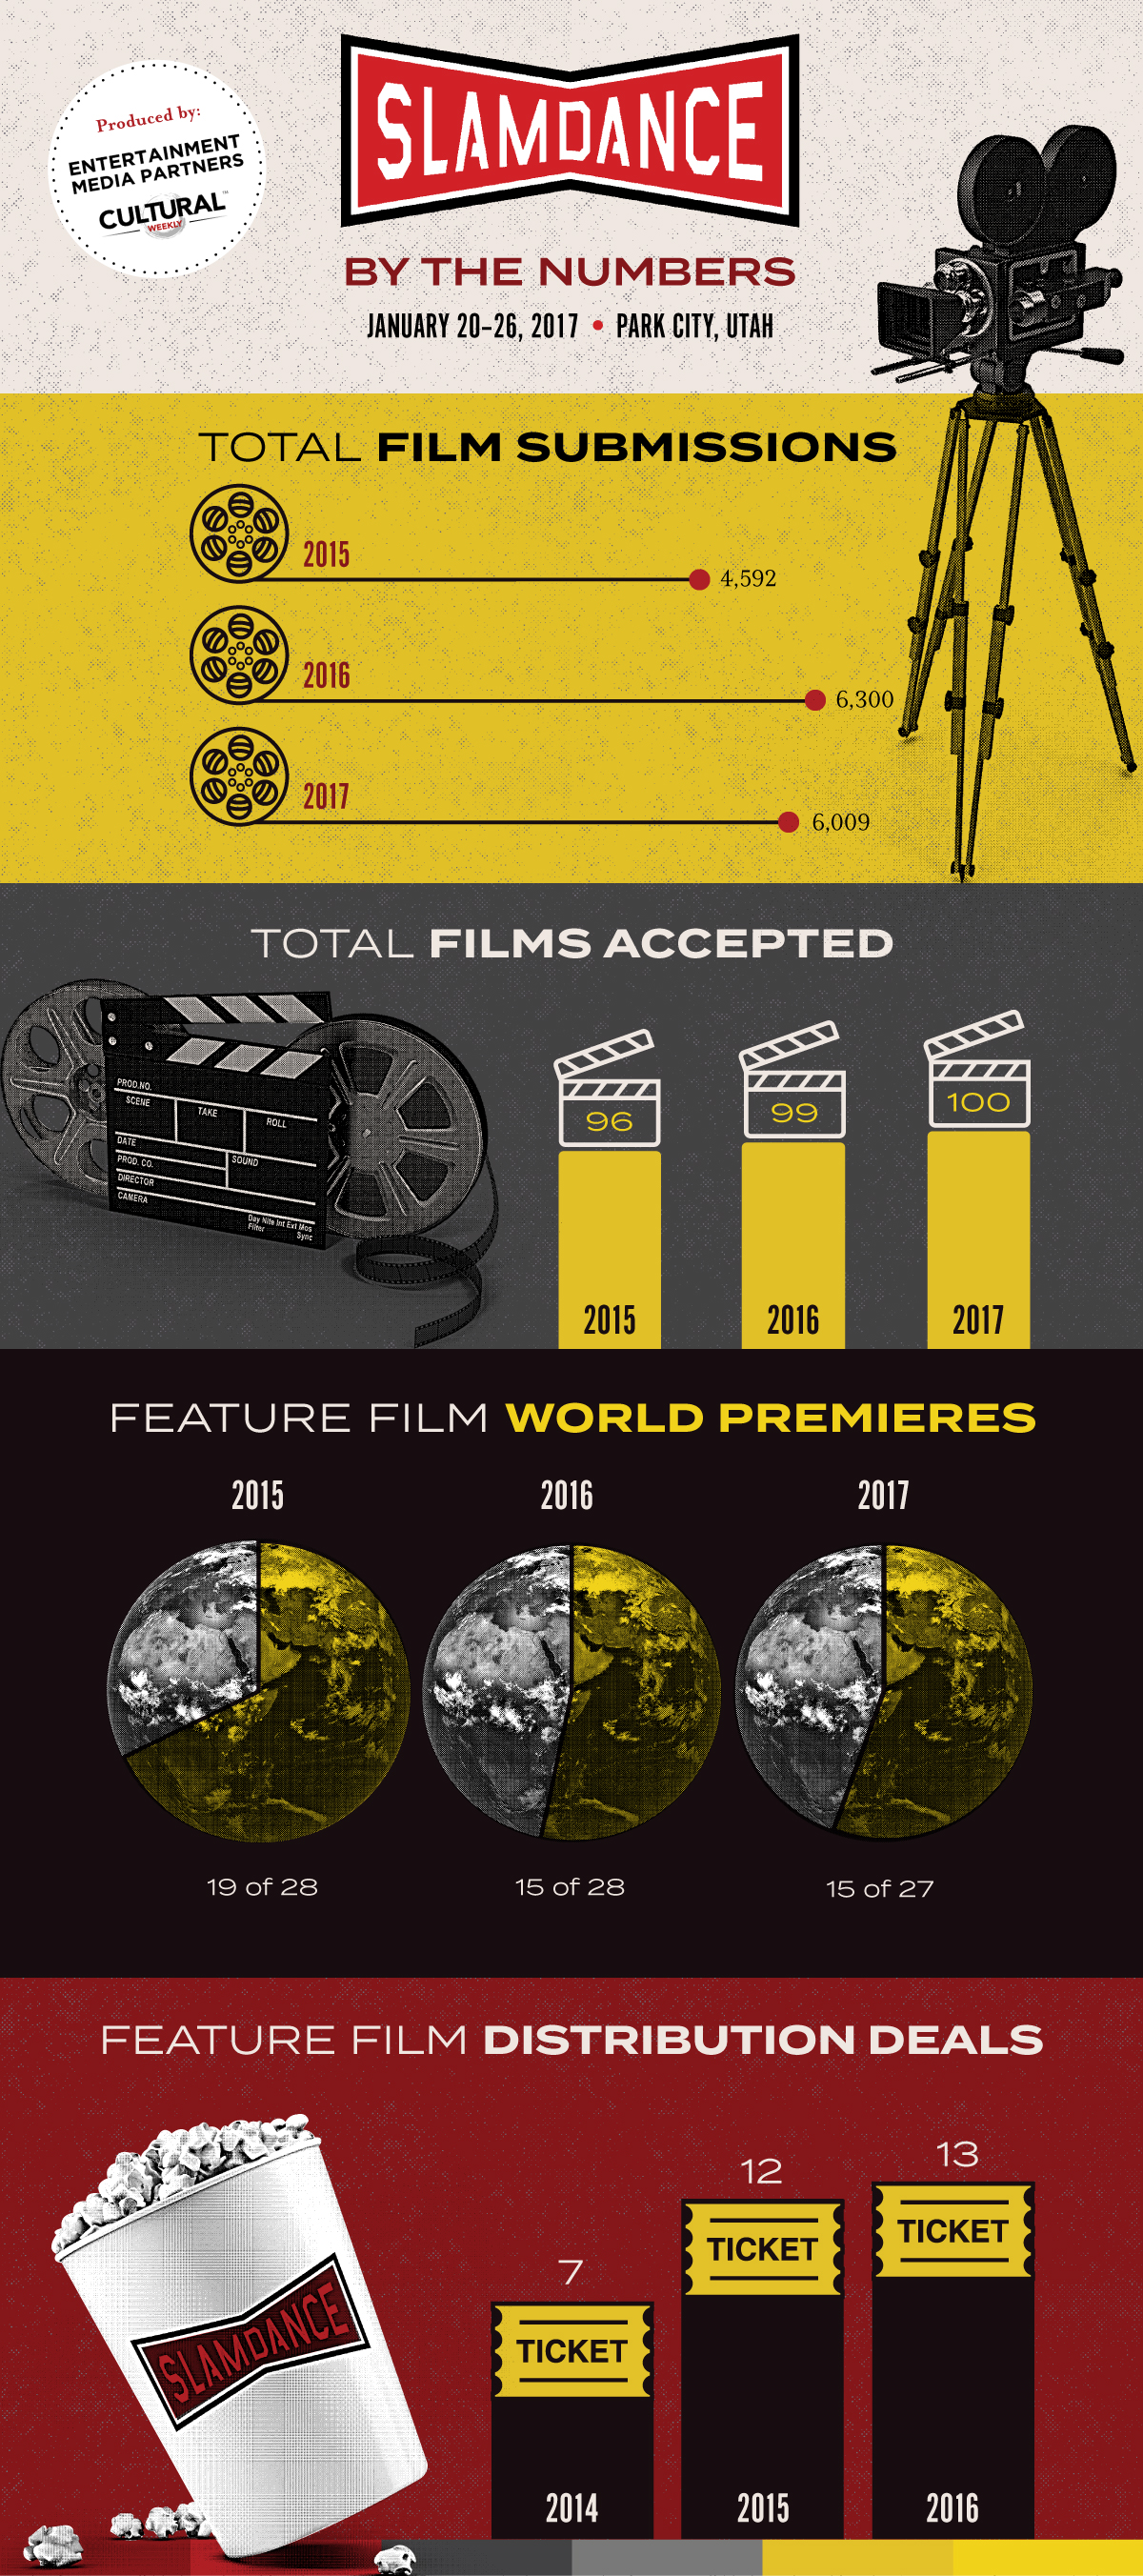 Slamdance Infographic